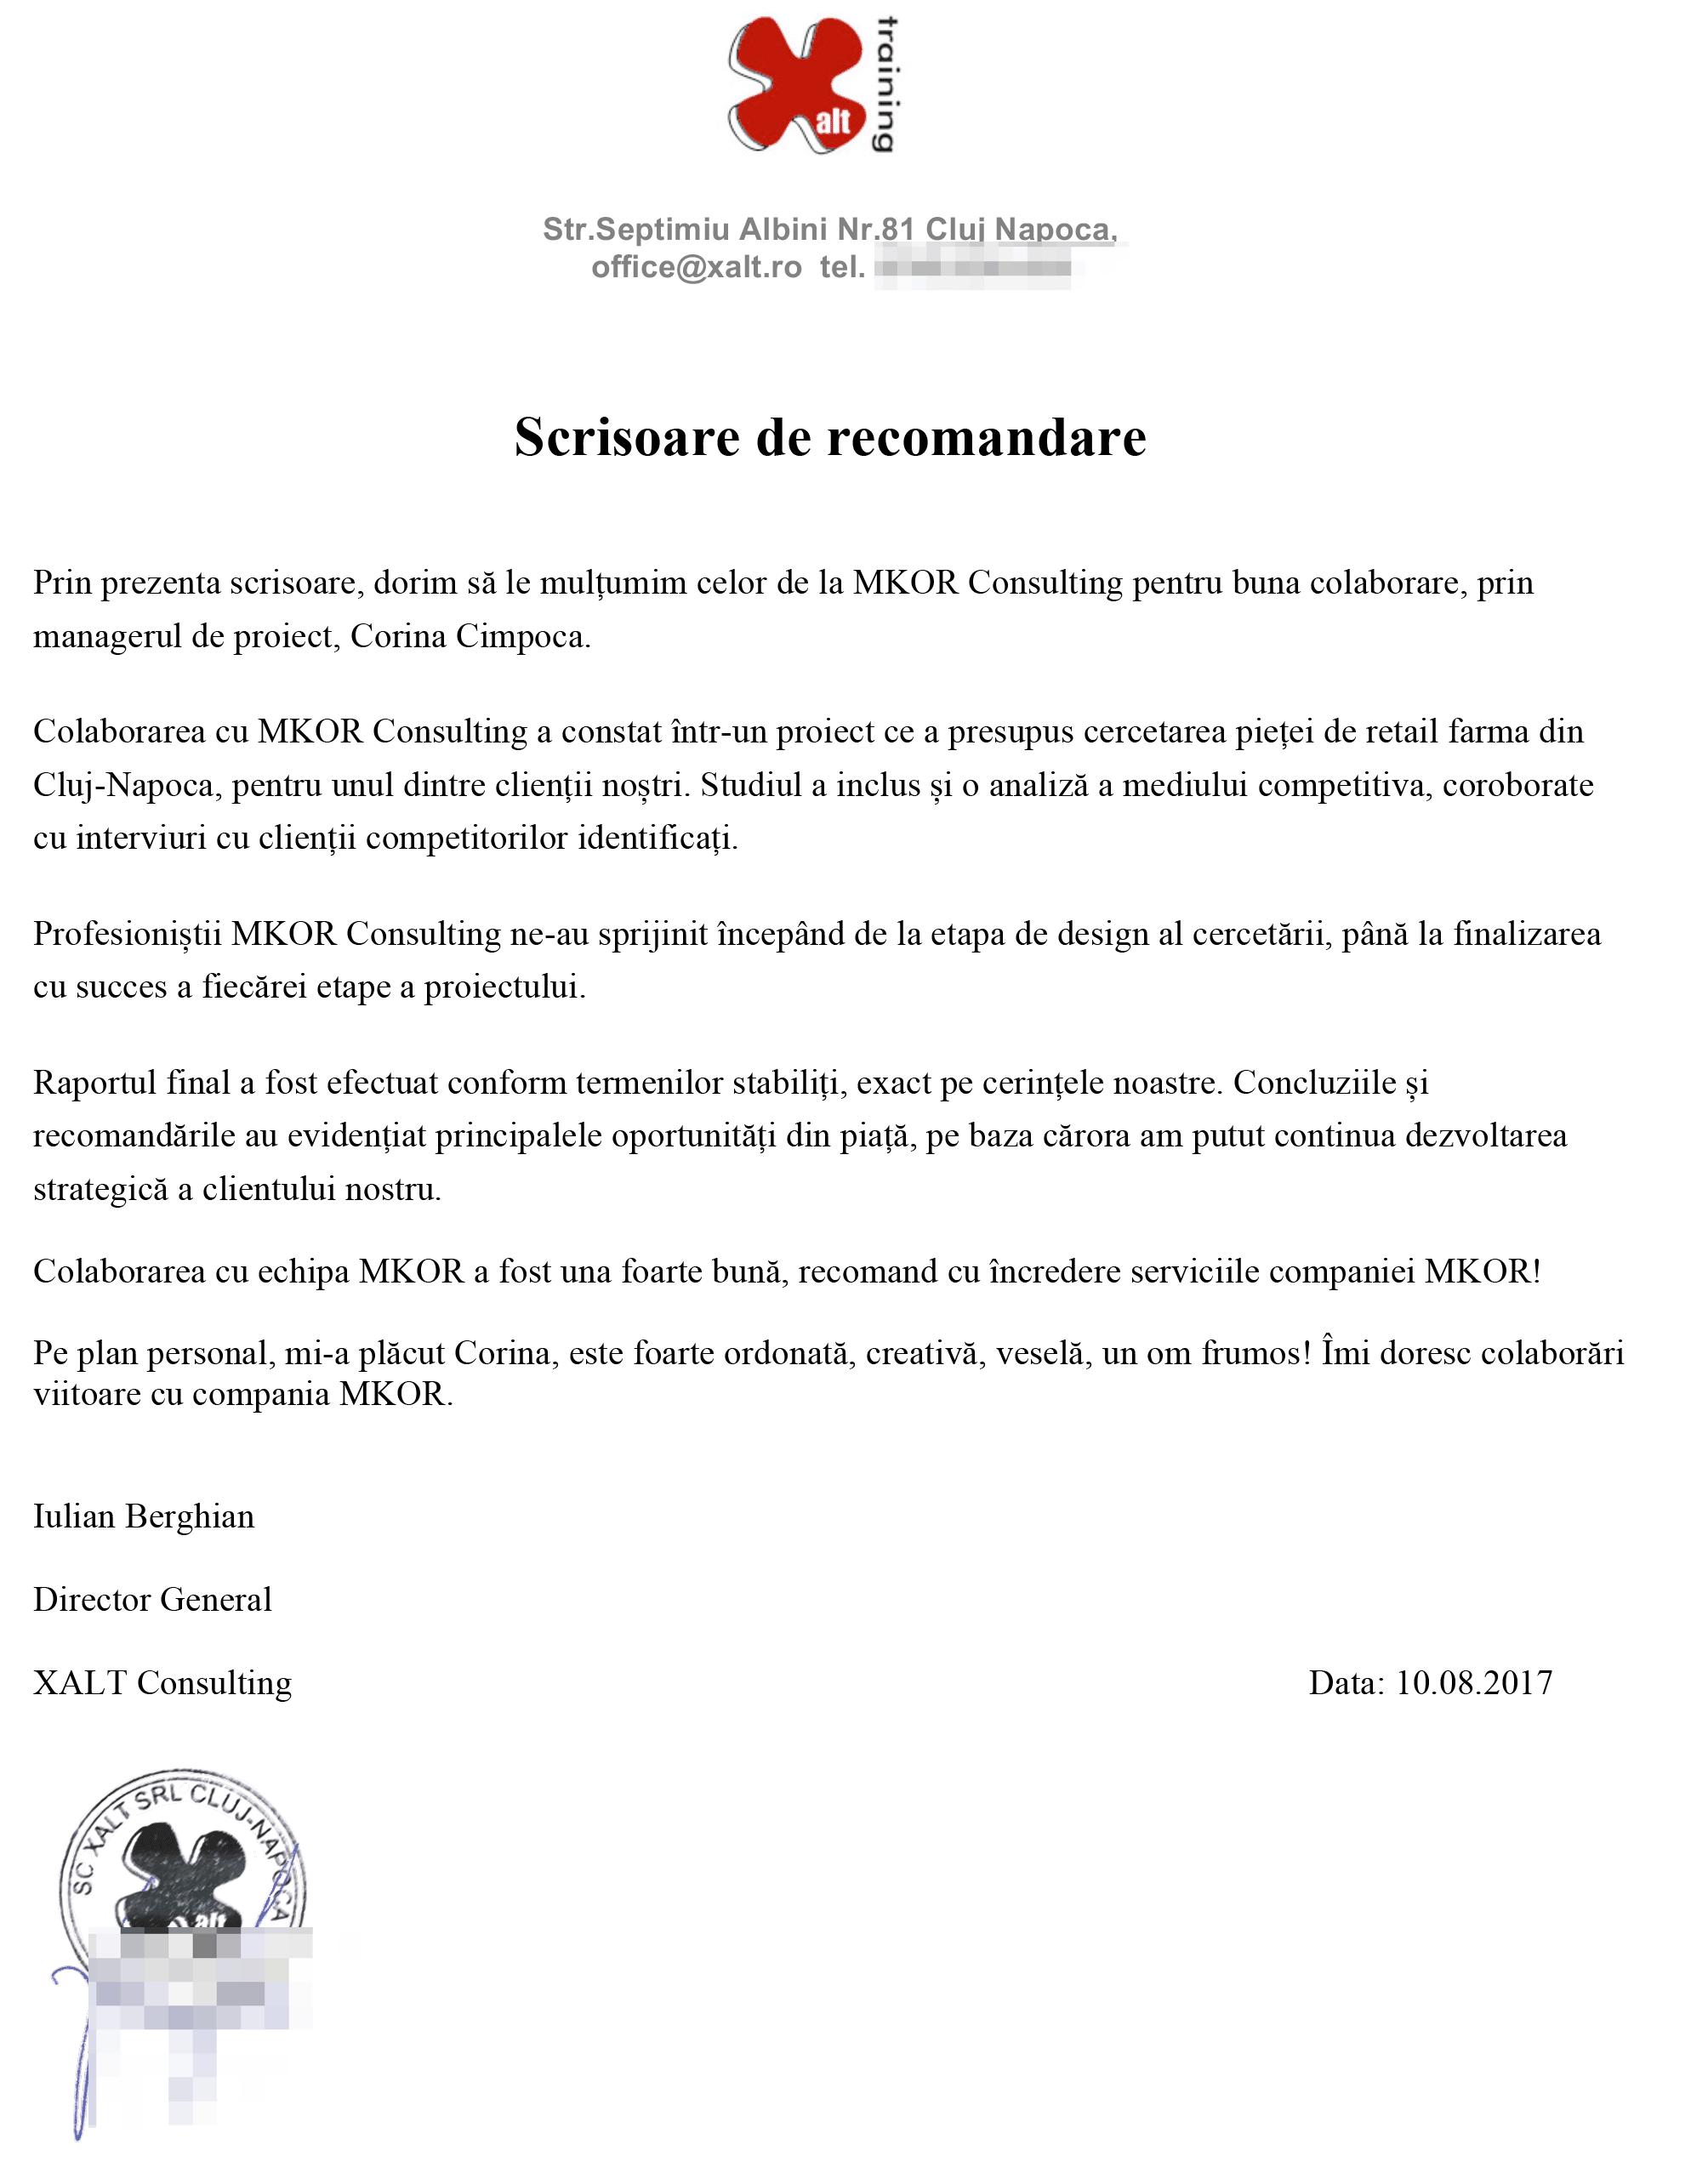 scrisoare-recomandare-xalt